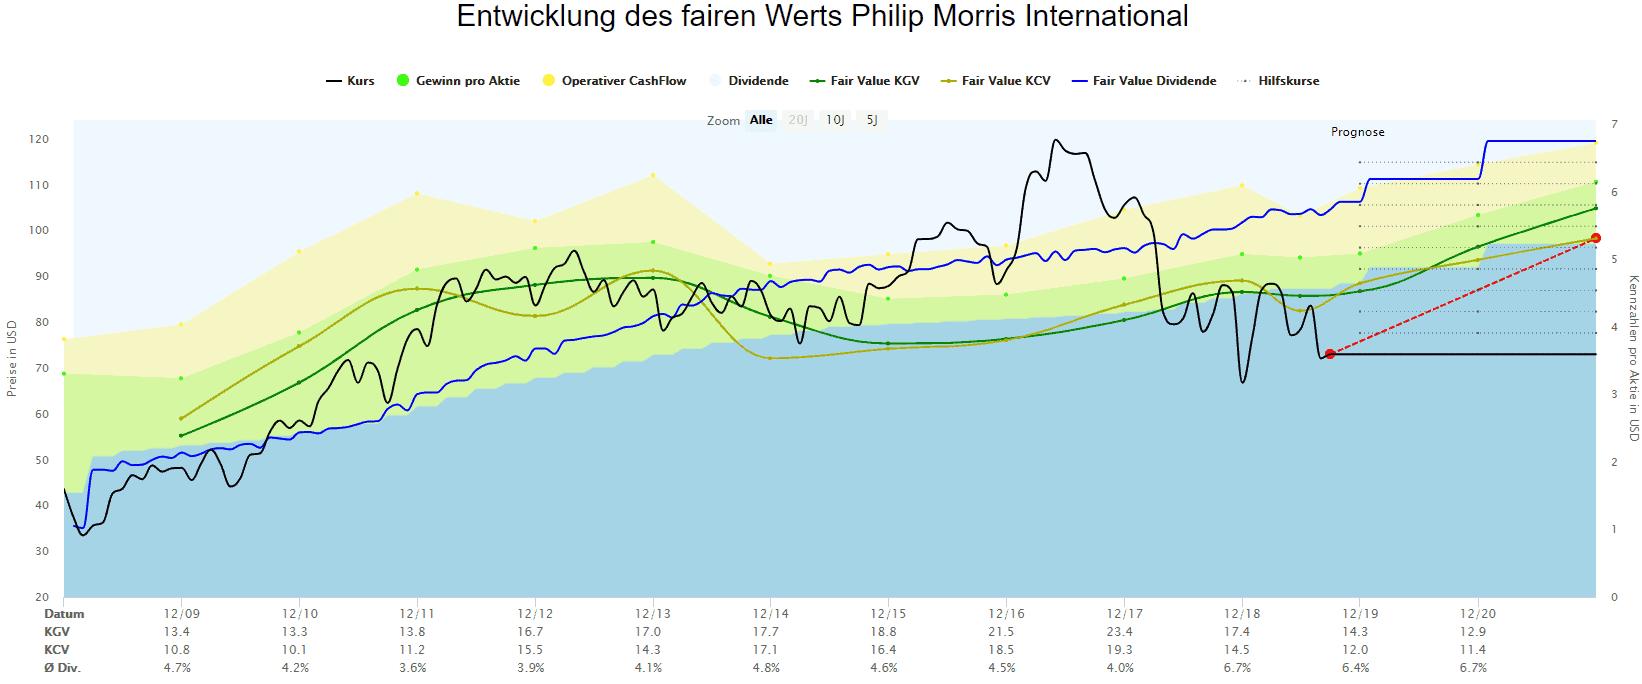 Berechnungen des fairen Werts für Philip Morris basierend auf Gewinn, operativem Cash-Flow und Dividenden